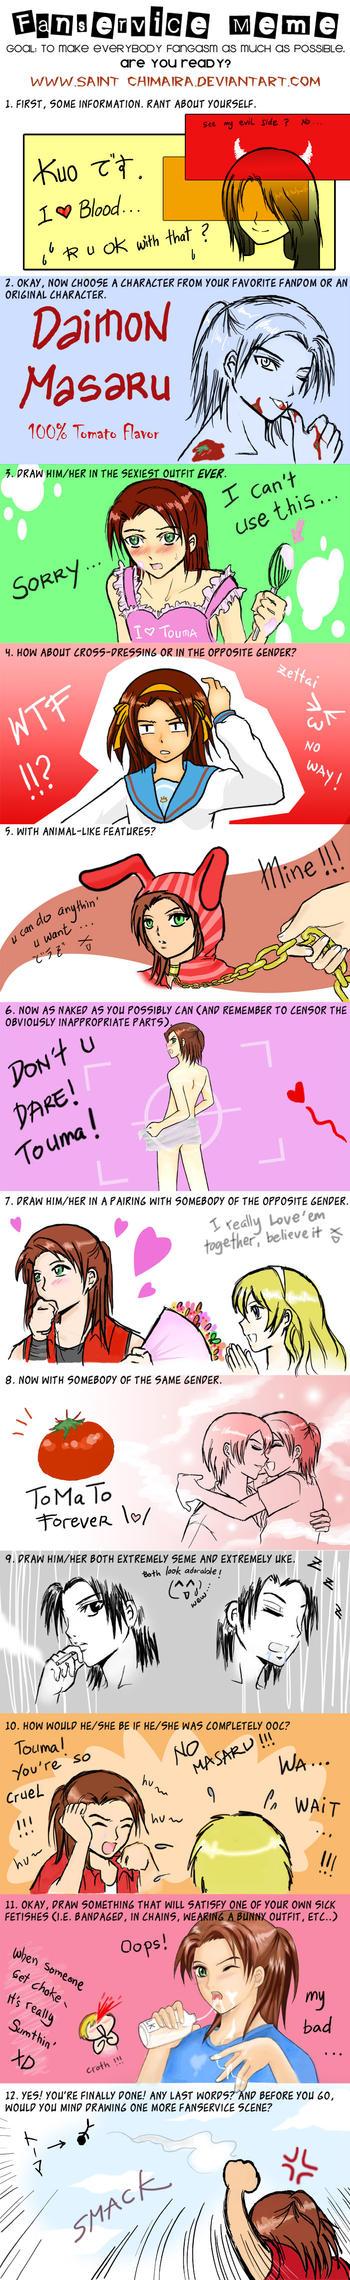 .:Masaru: Fanservice Meme1:. by TeamDats